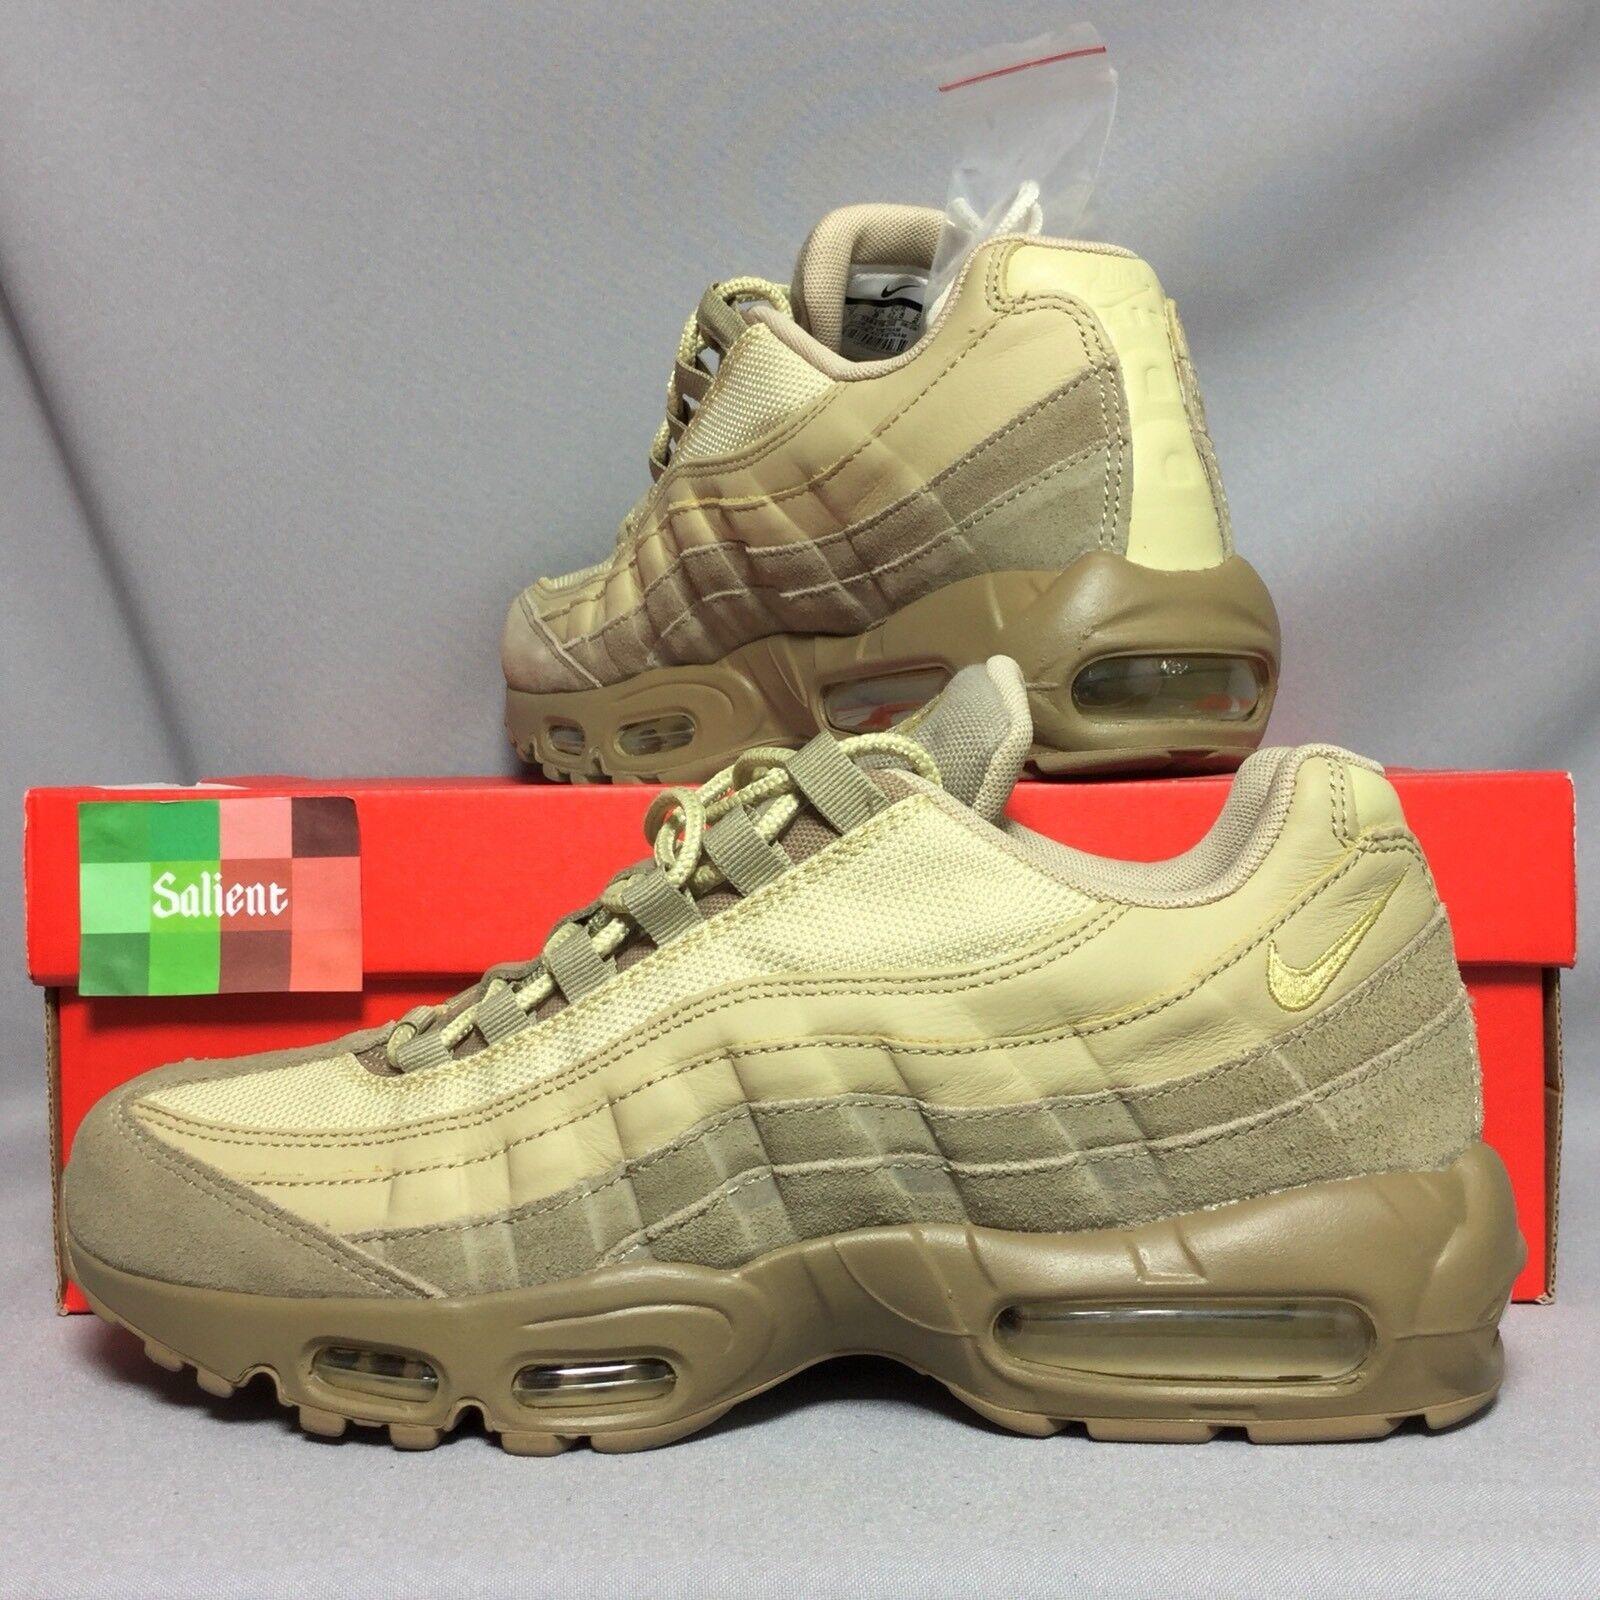 Nike Air 538416-202 Max 95 Premium UK8 538416-202 Air EUR42.5 US9 Khaki Gold Mushroom Suede PRM 52bac2